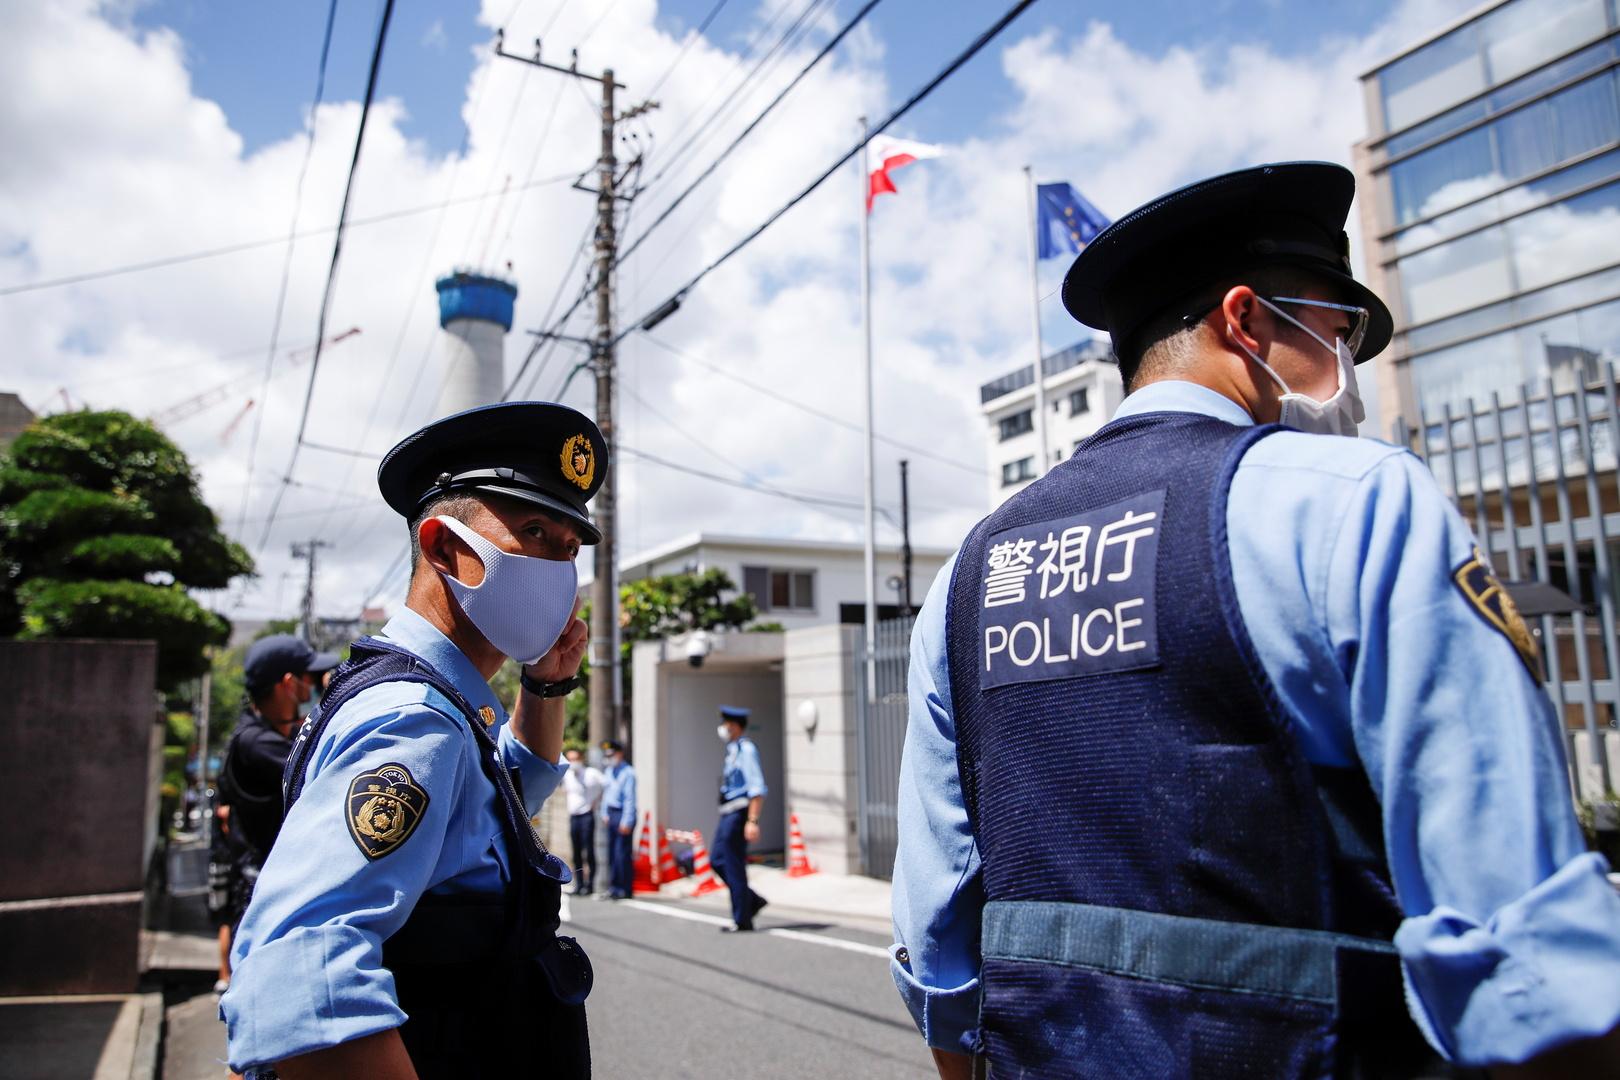 بالفيديو.. إصابات جراء هجوم بسكين داخل قطار في طوكيو وهروب المنفذ